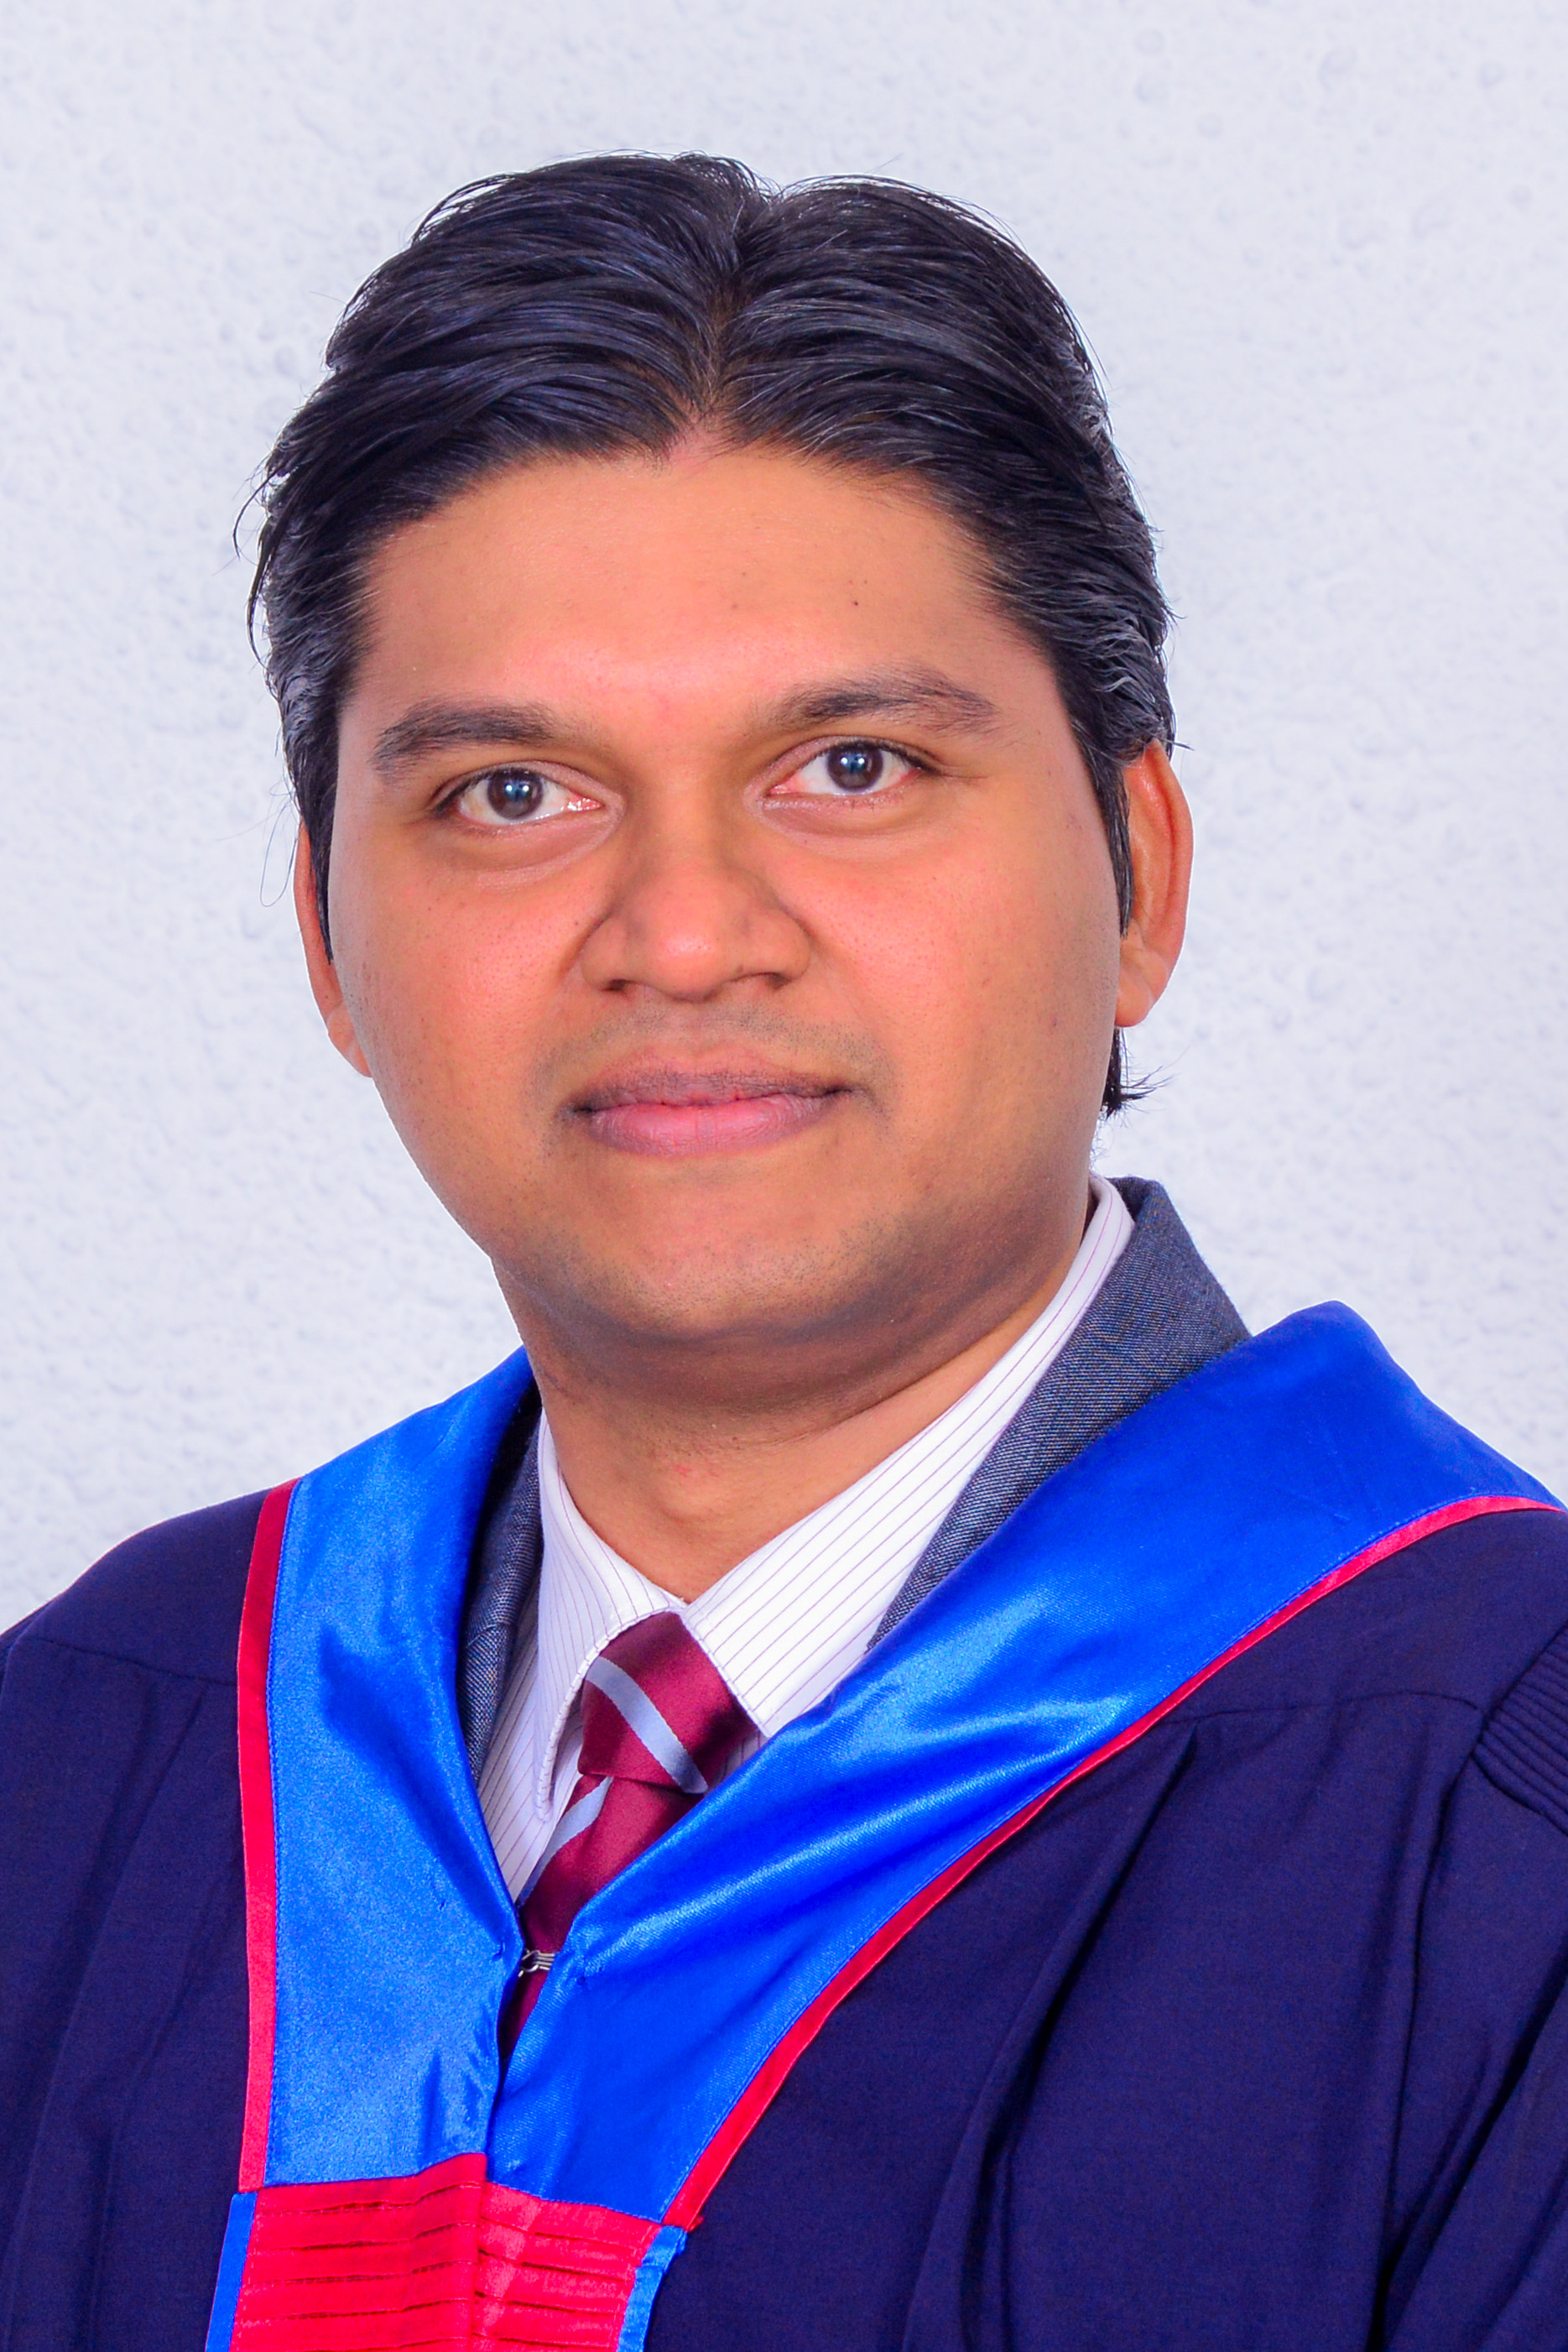 Dr. Sankha Randenikumara